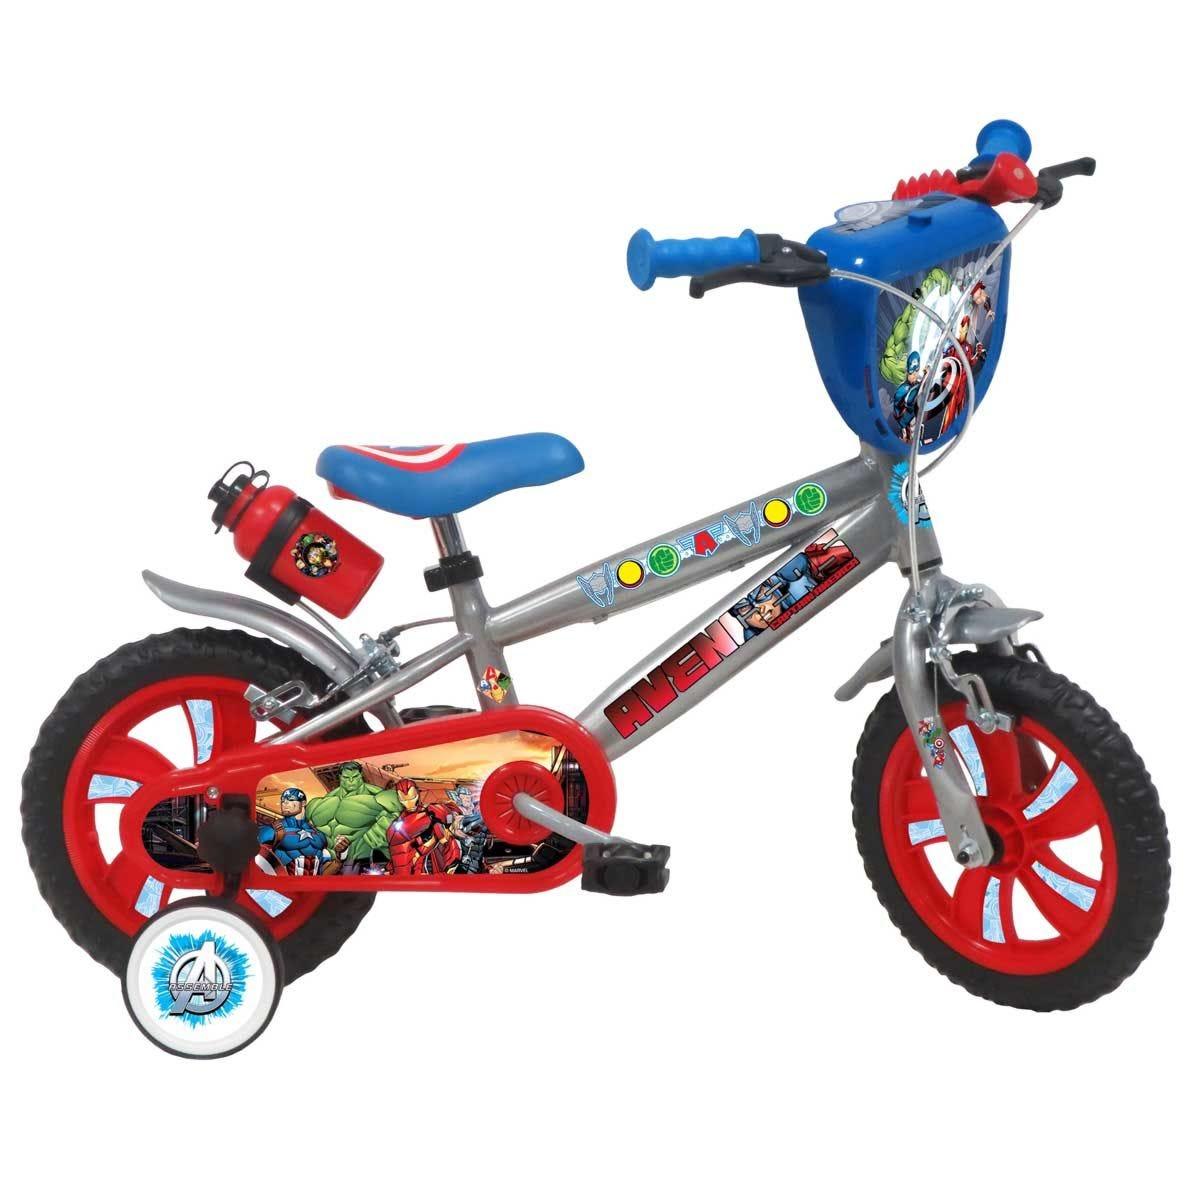 Marvel Avengers Licensed 12'' Kids Bike